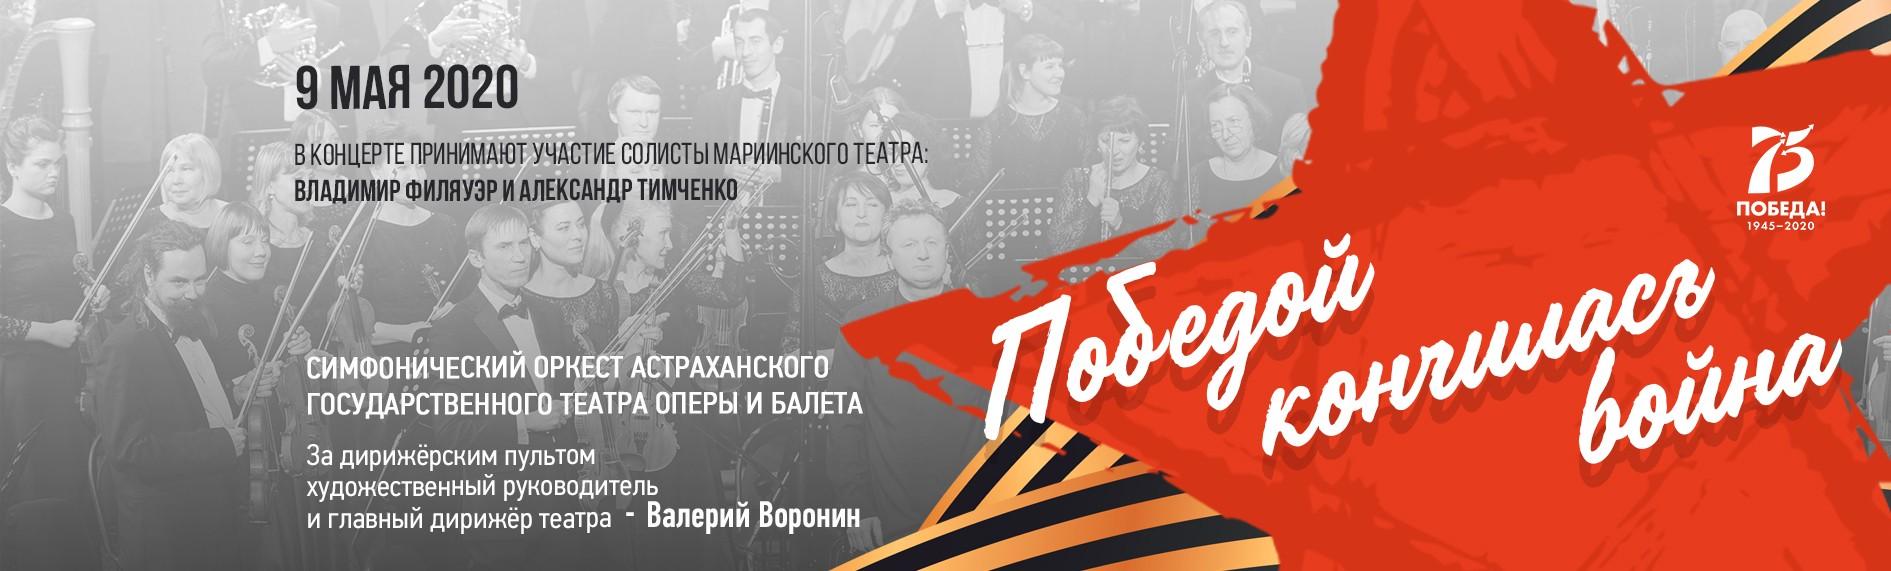 Концерт 9 мая  на Набережной